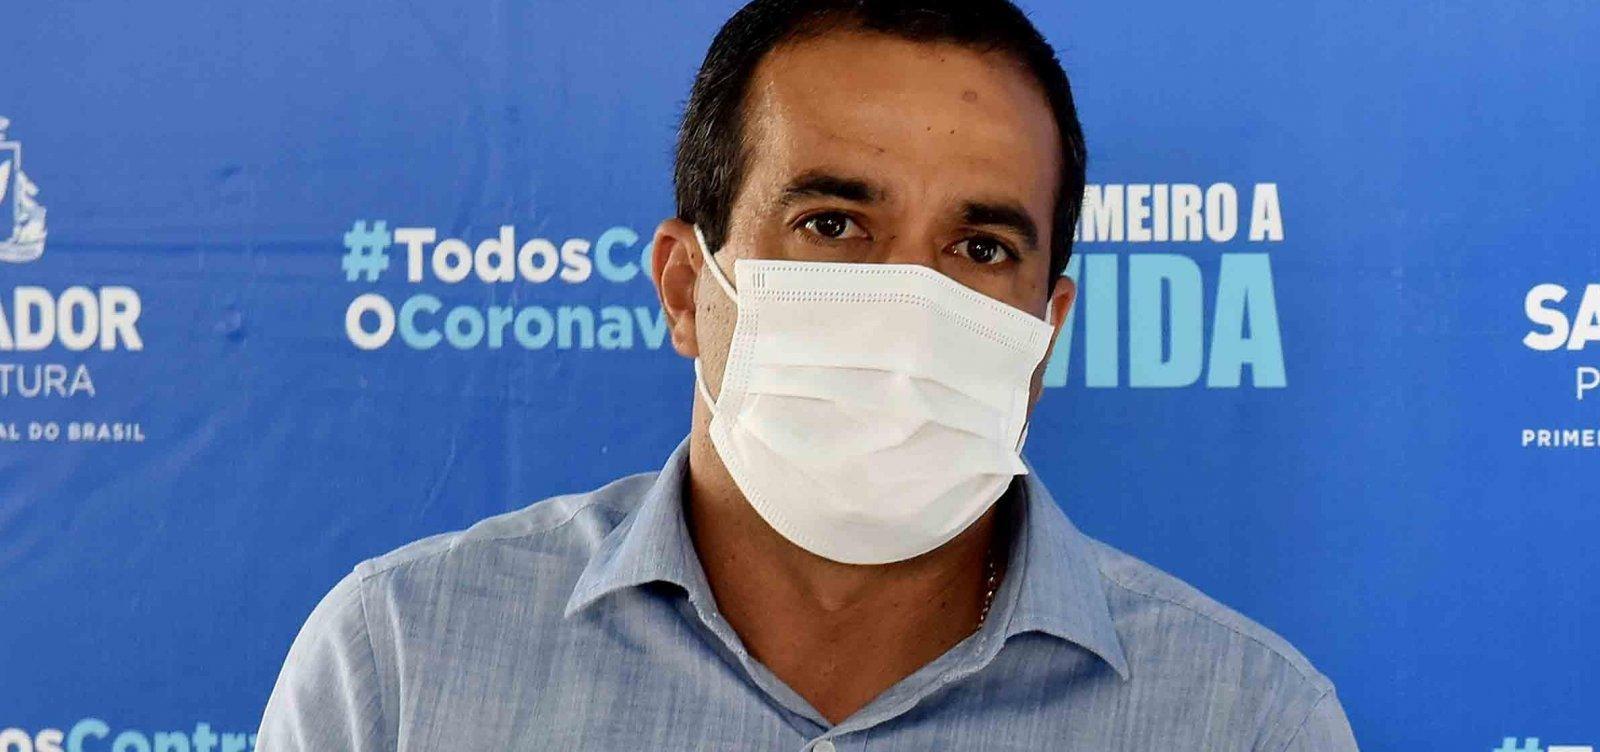 [Prefeitura apresentará estratégia de imunização com segunda dose nesta segunda-feira]